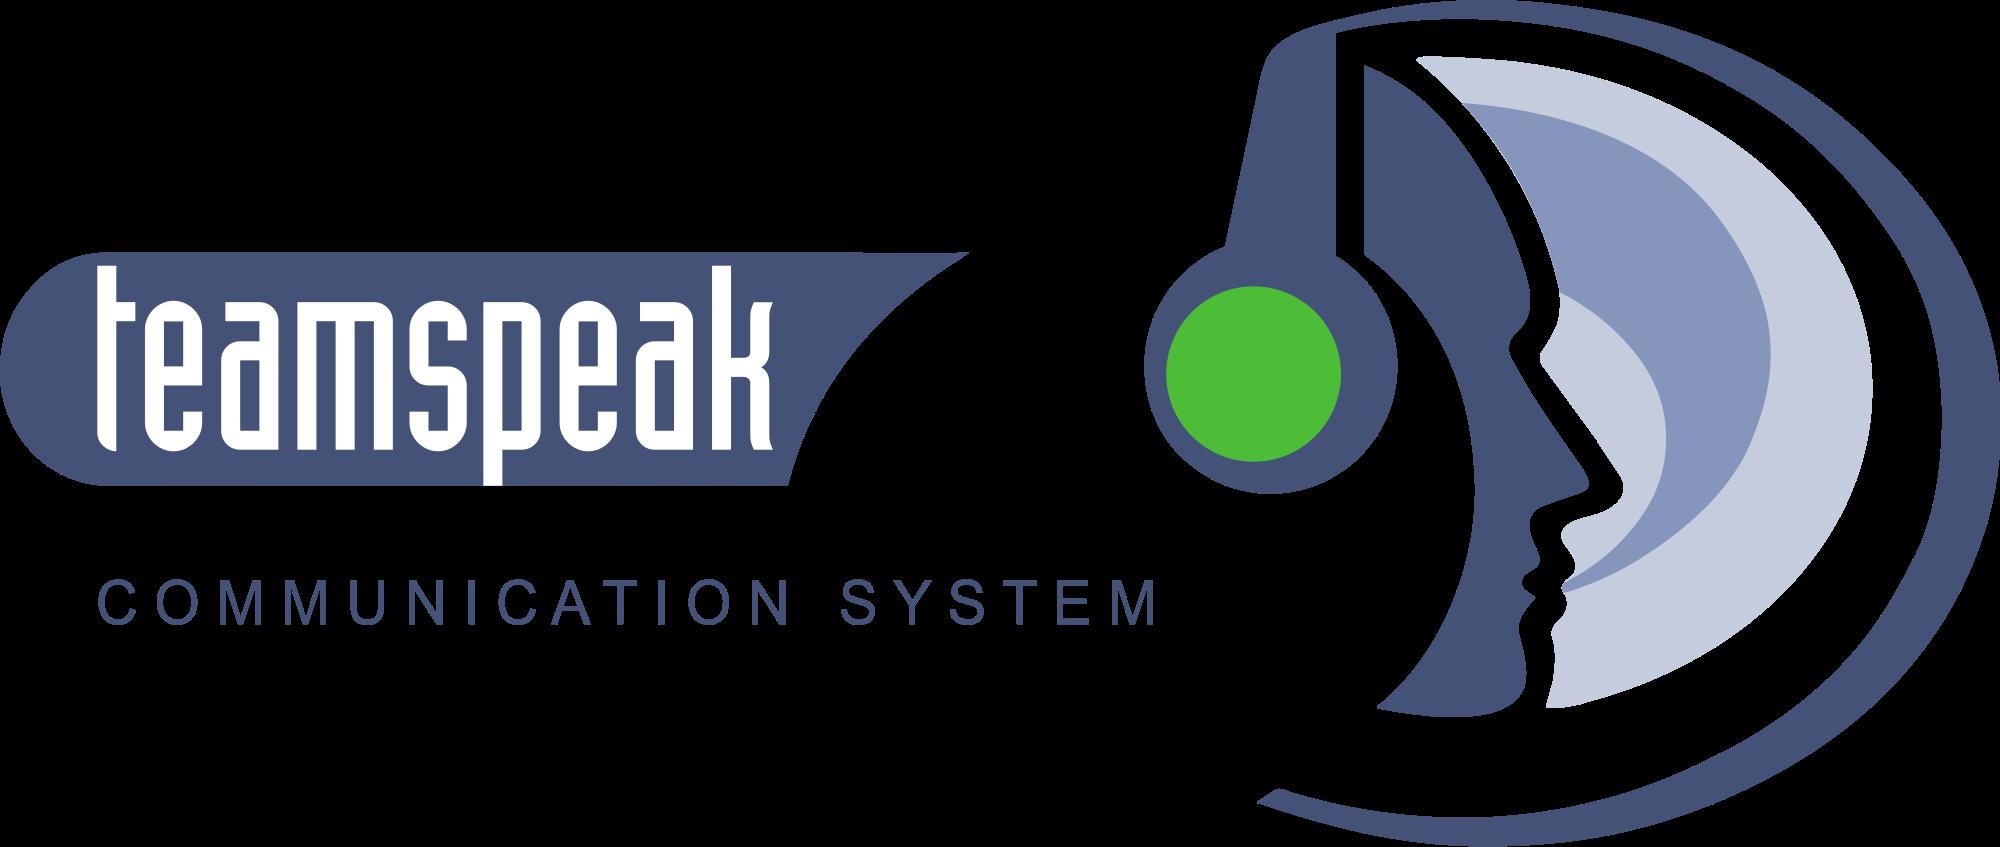 Teamspeak server software